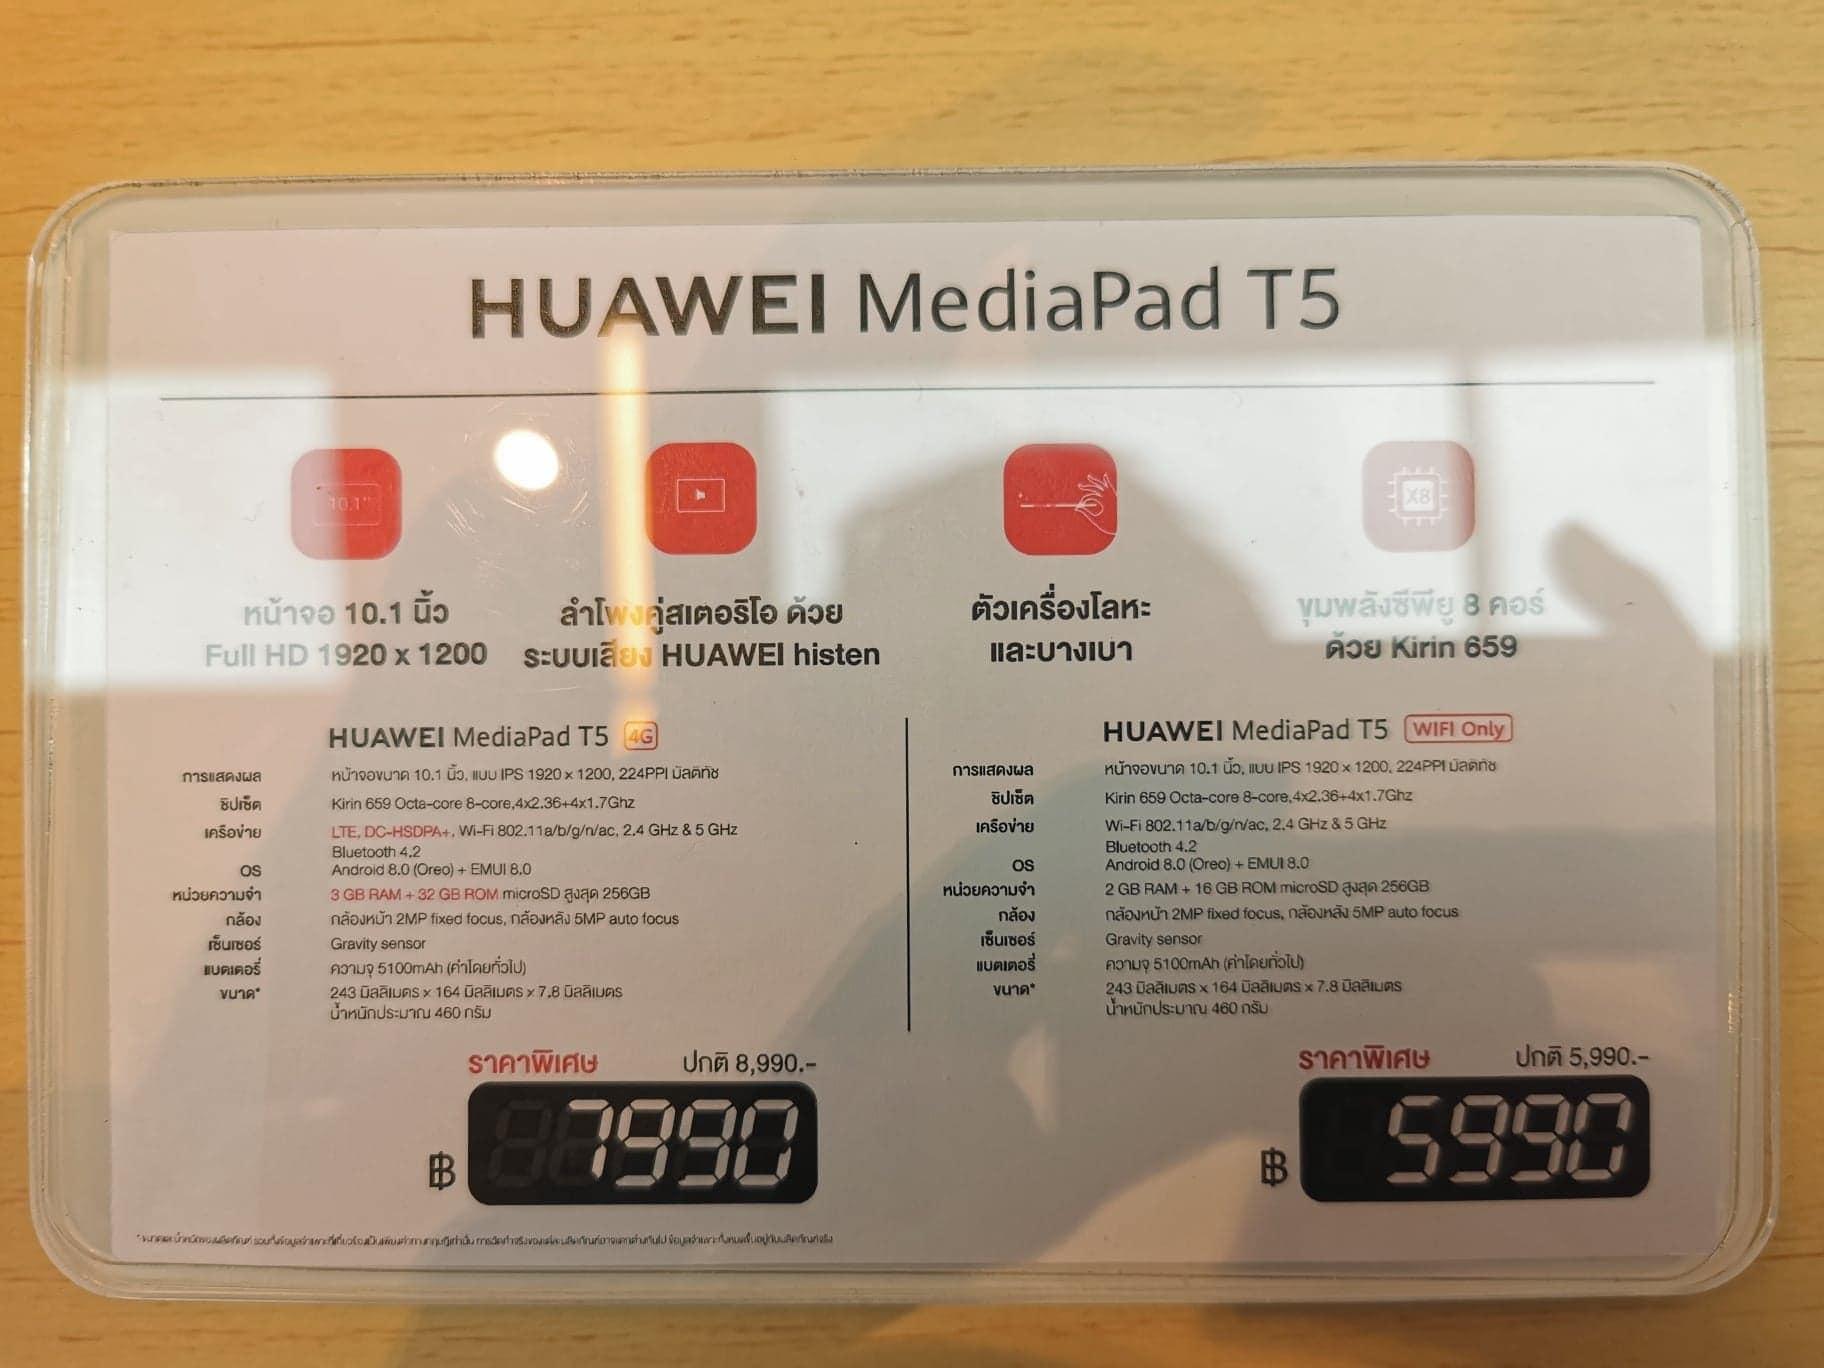 พาไปดูโปรโมชั่นสัปดาห์ที่ 2 กับแคมเปญ HUAWEI Grand Sale 2019 รับสิทธิ์ 3 ต่อ มือถือและแท็บเล็ตรุ่นดัง 6